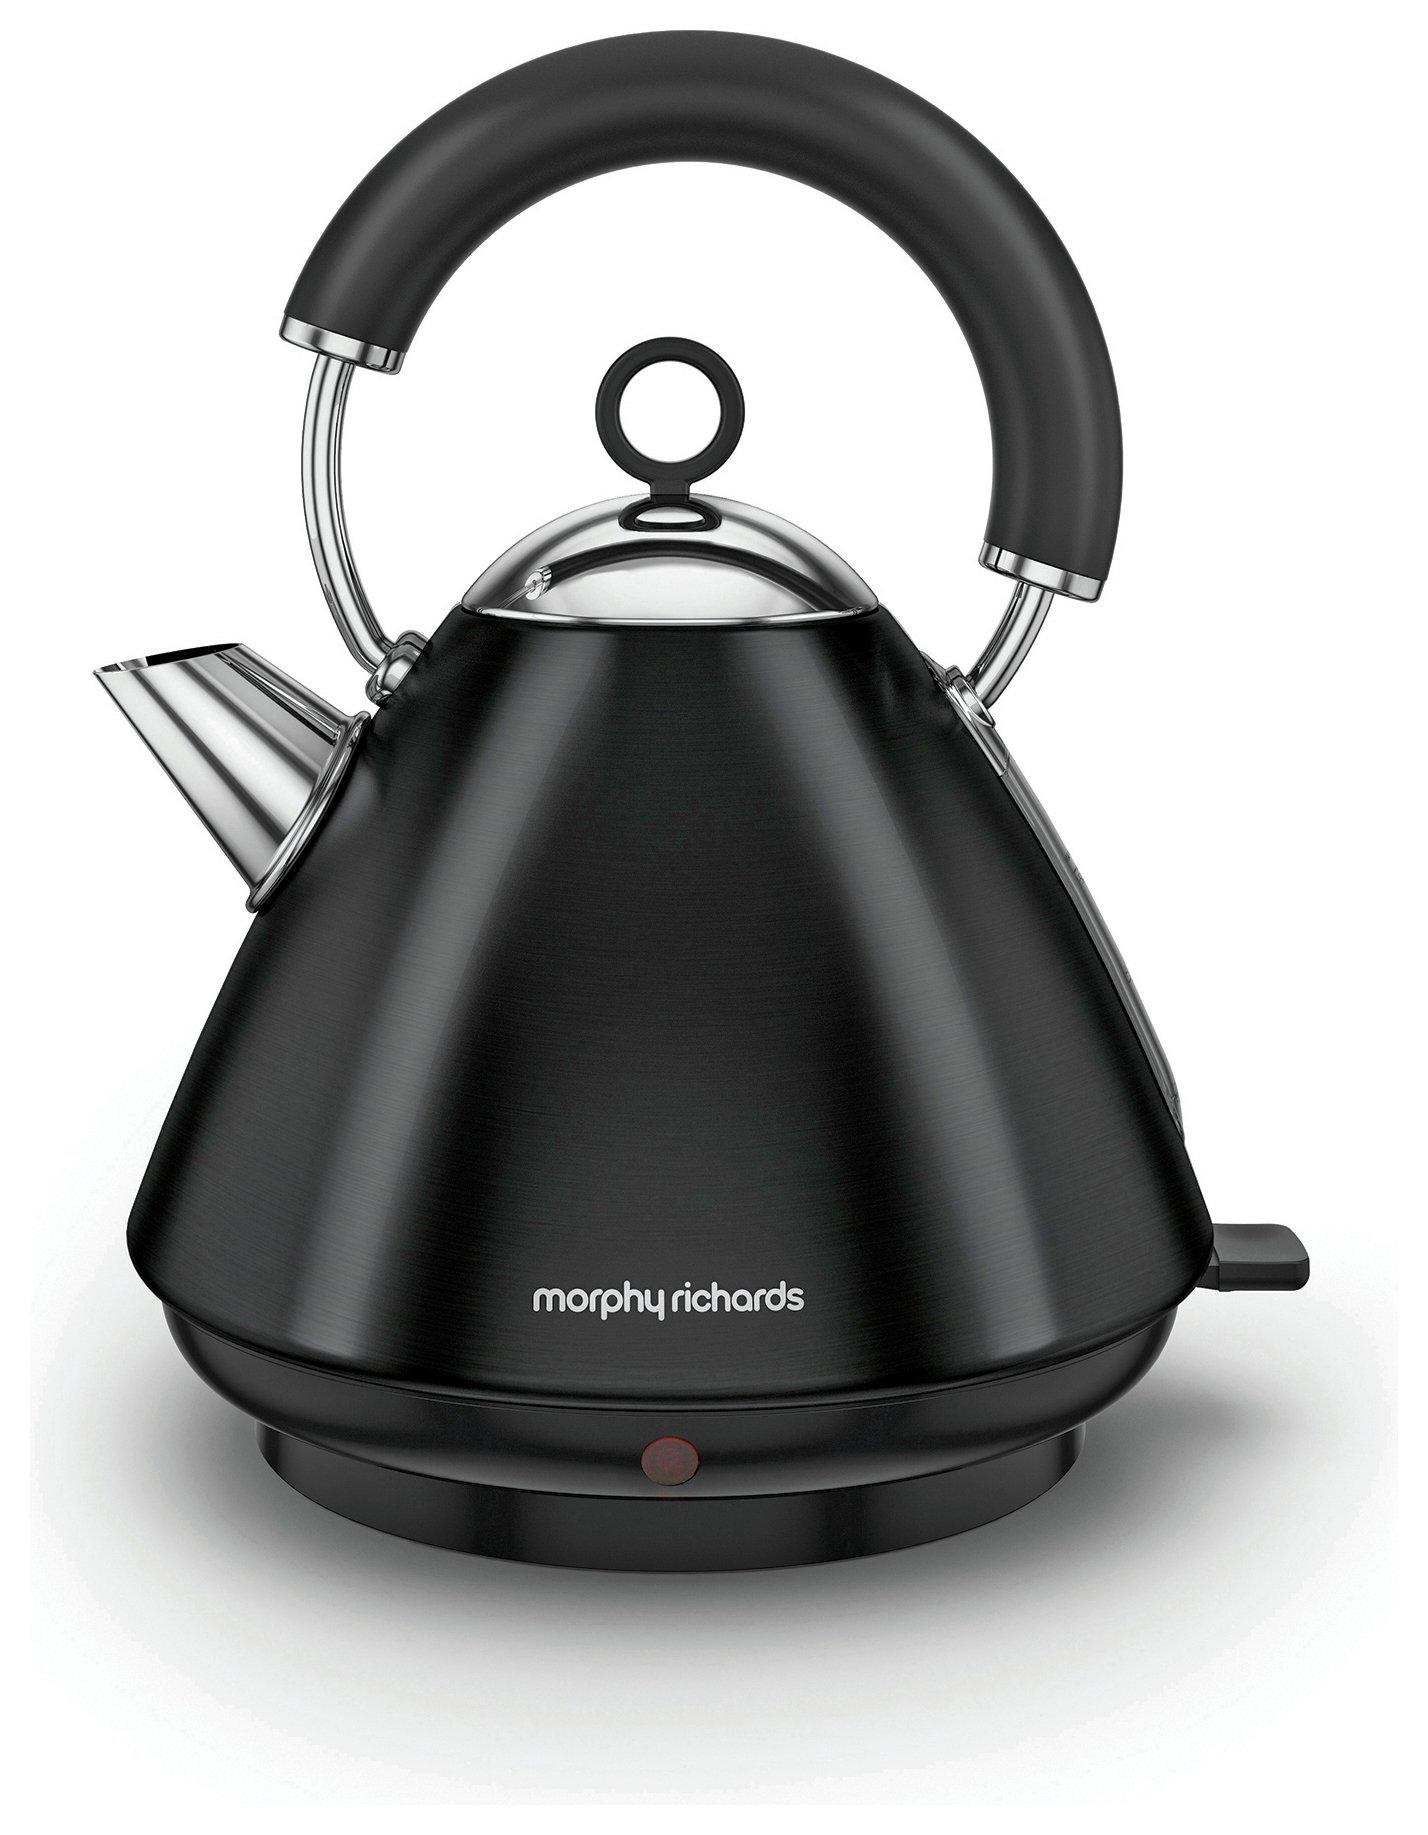 buy morphy richards kettles at findelectricals buy the. Black Bedroom Furniture Sets. Home Design Ideas